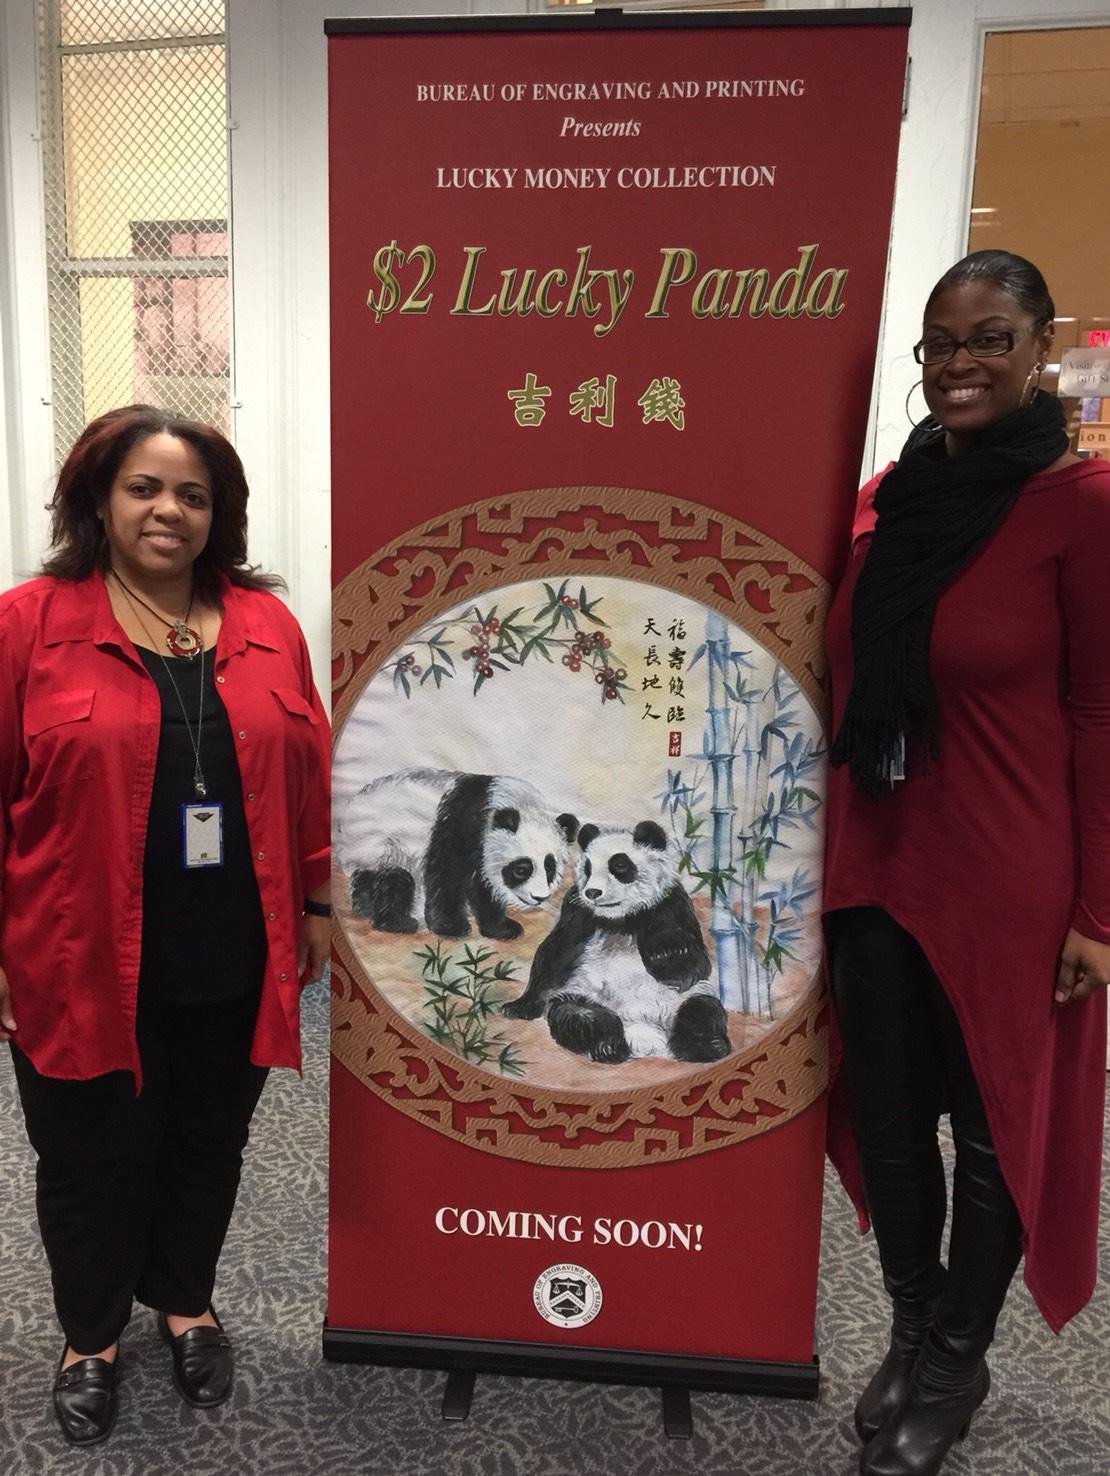 印鈔局職員人人一身紅,展示即將問世的熊貓吉利錢。(特派員許惠敏/攝影)